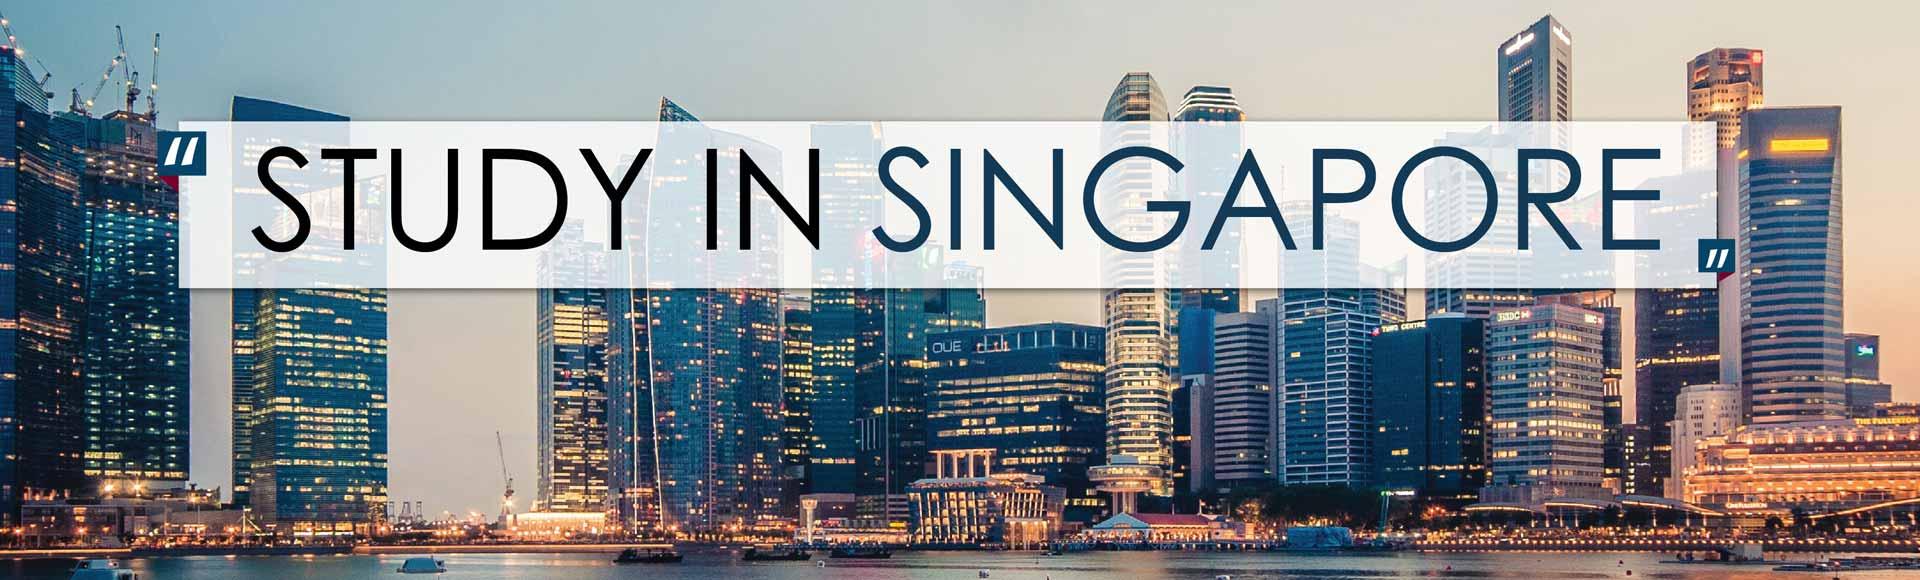 CÁC KÌ THI TẠI SINGAPORE BẠN NÊN BIẾT